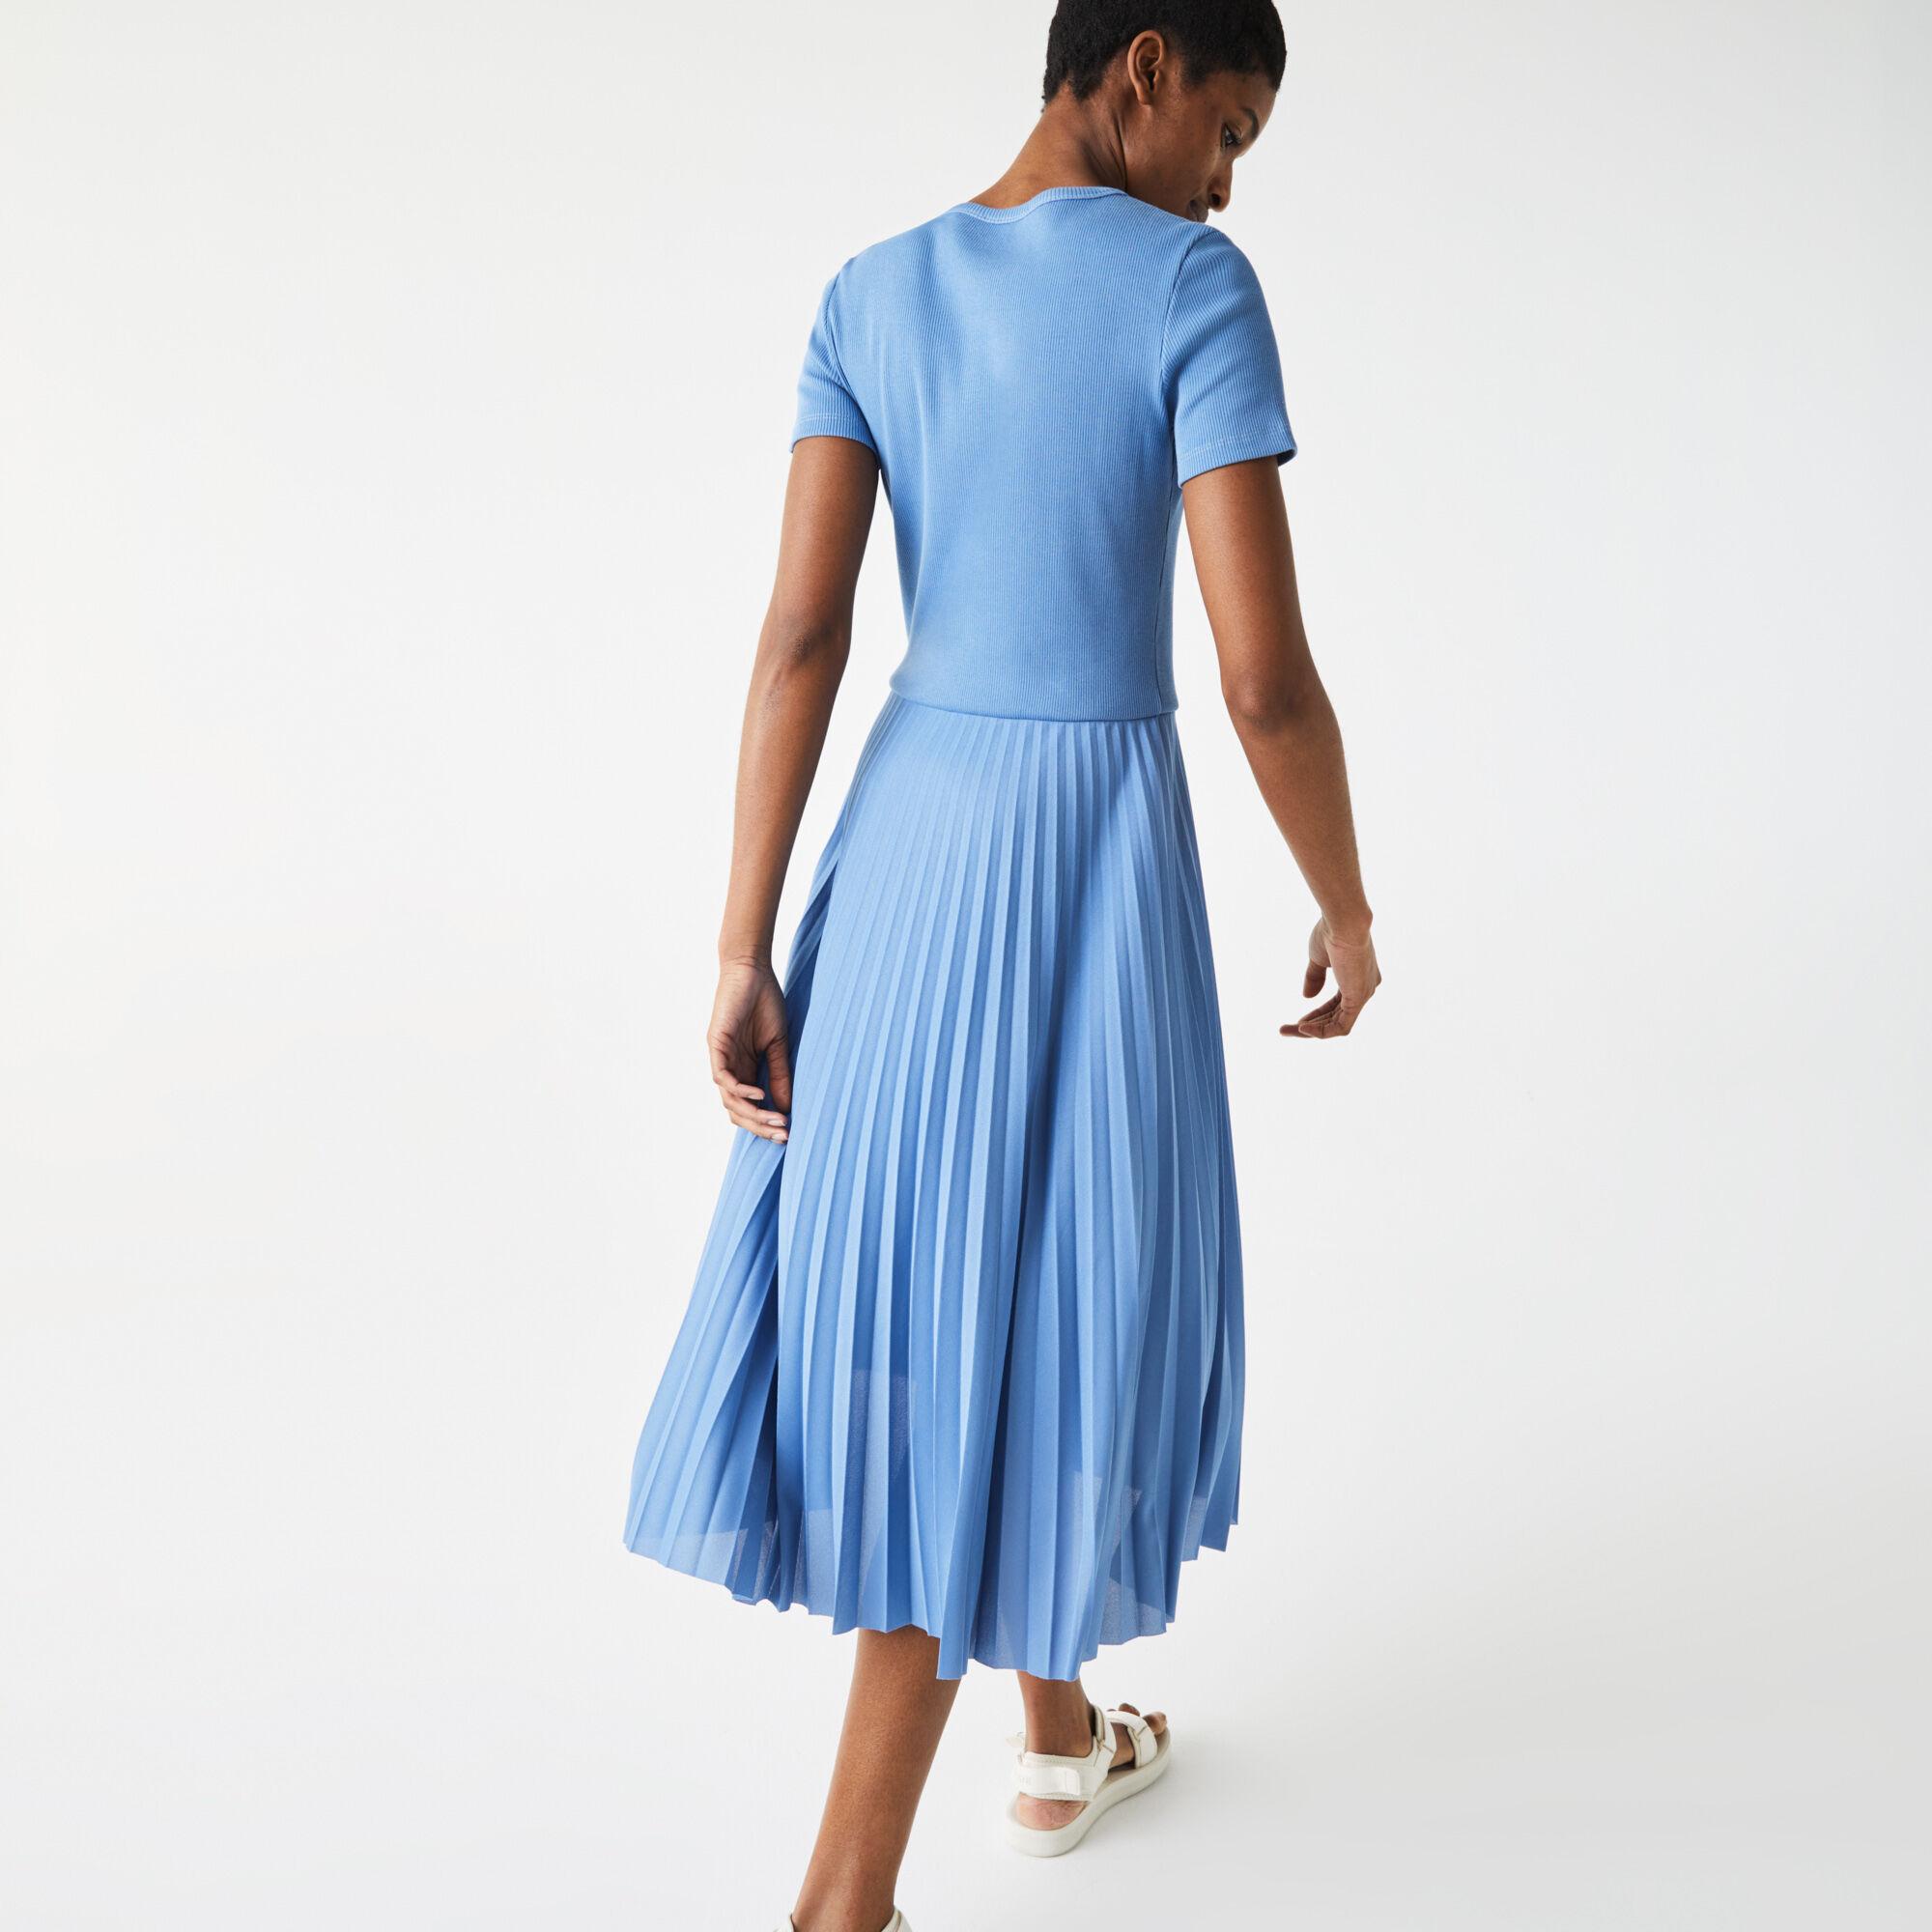 فستان بطيات متعرج الملمس متوسط الطول للنساء